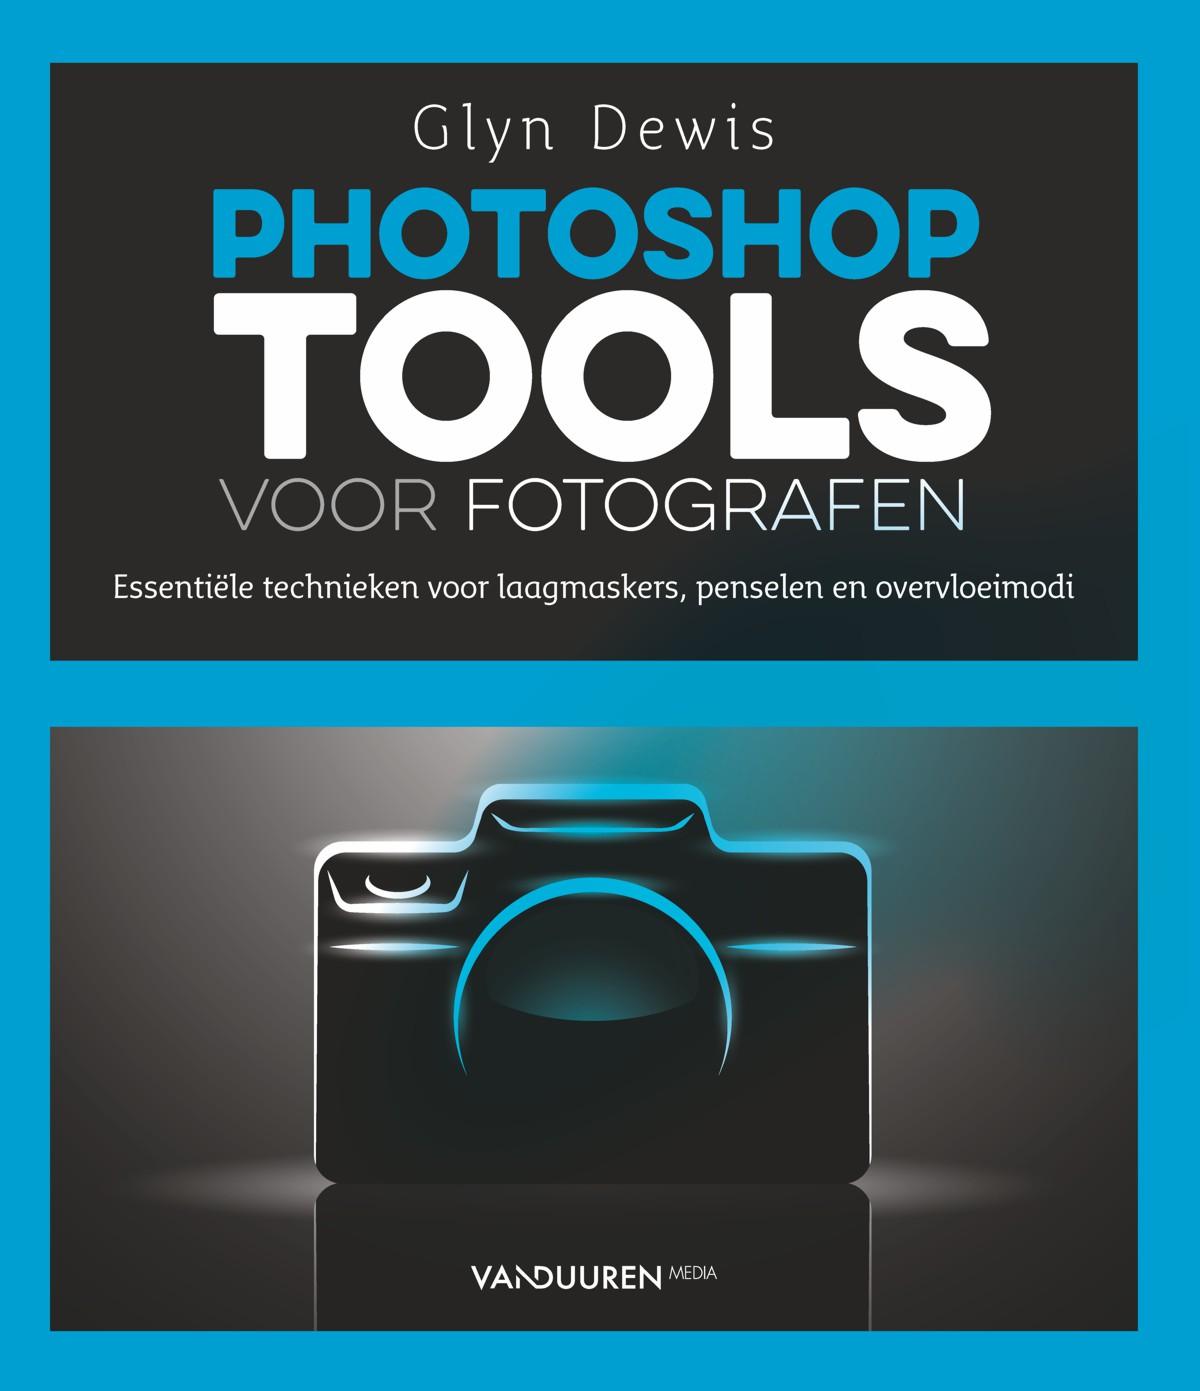 coverfoto van Glyn Dewis Photoshop Tools voor fotografen